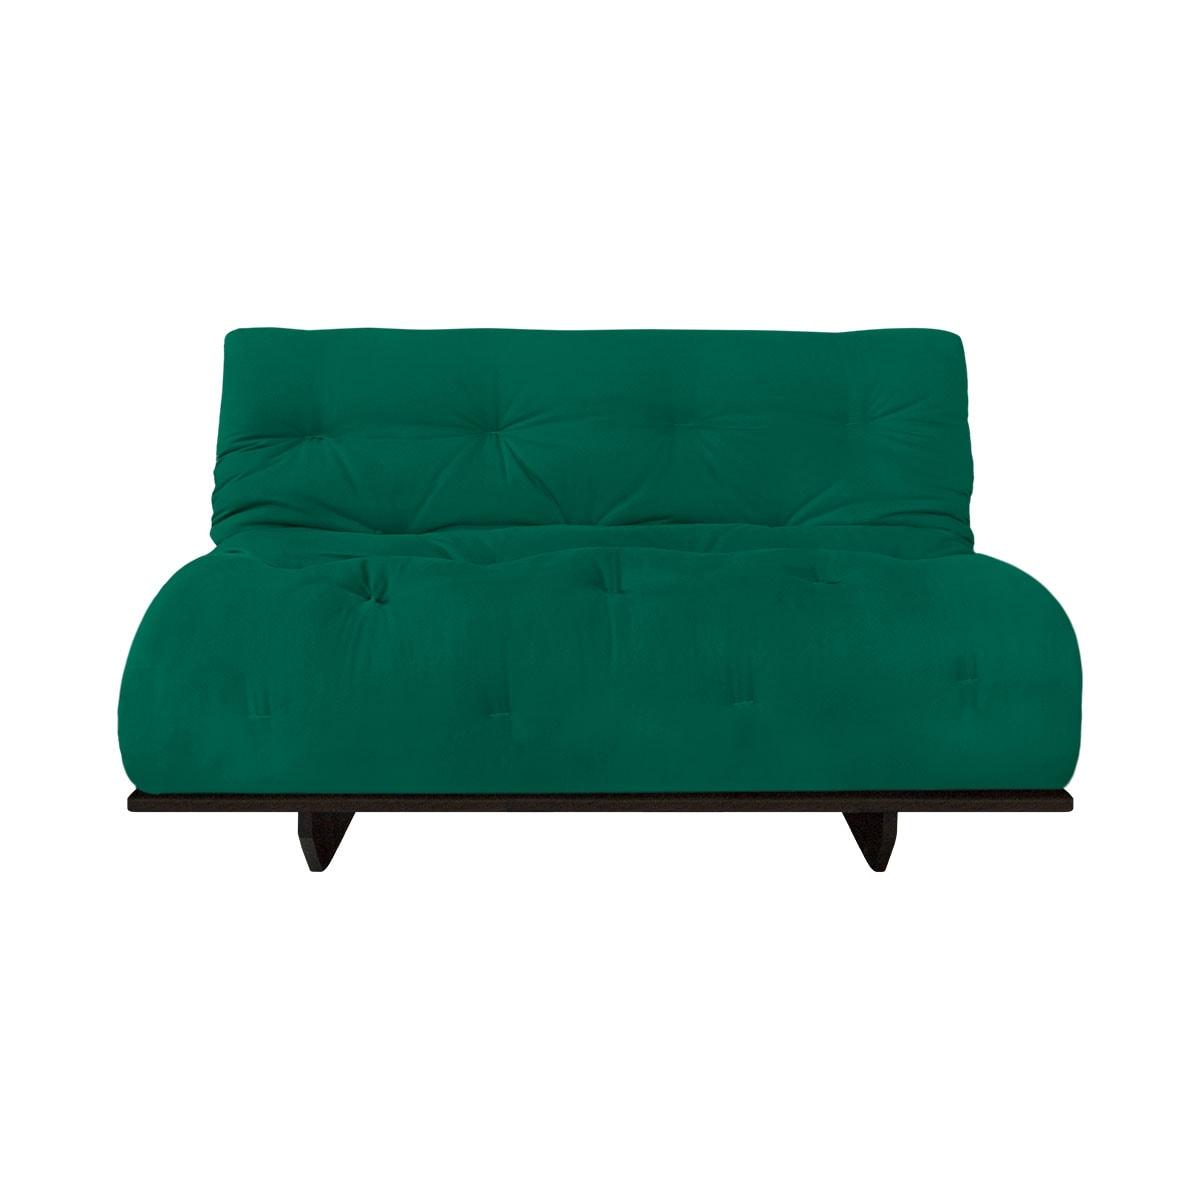 sofa cama walmart brasil cztery katy z europalety futon  company